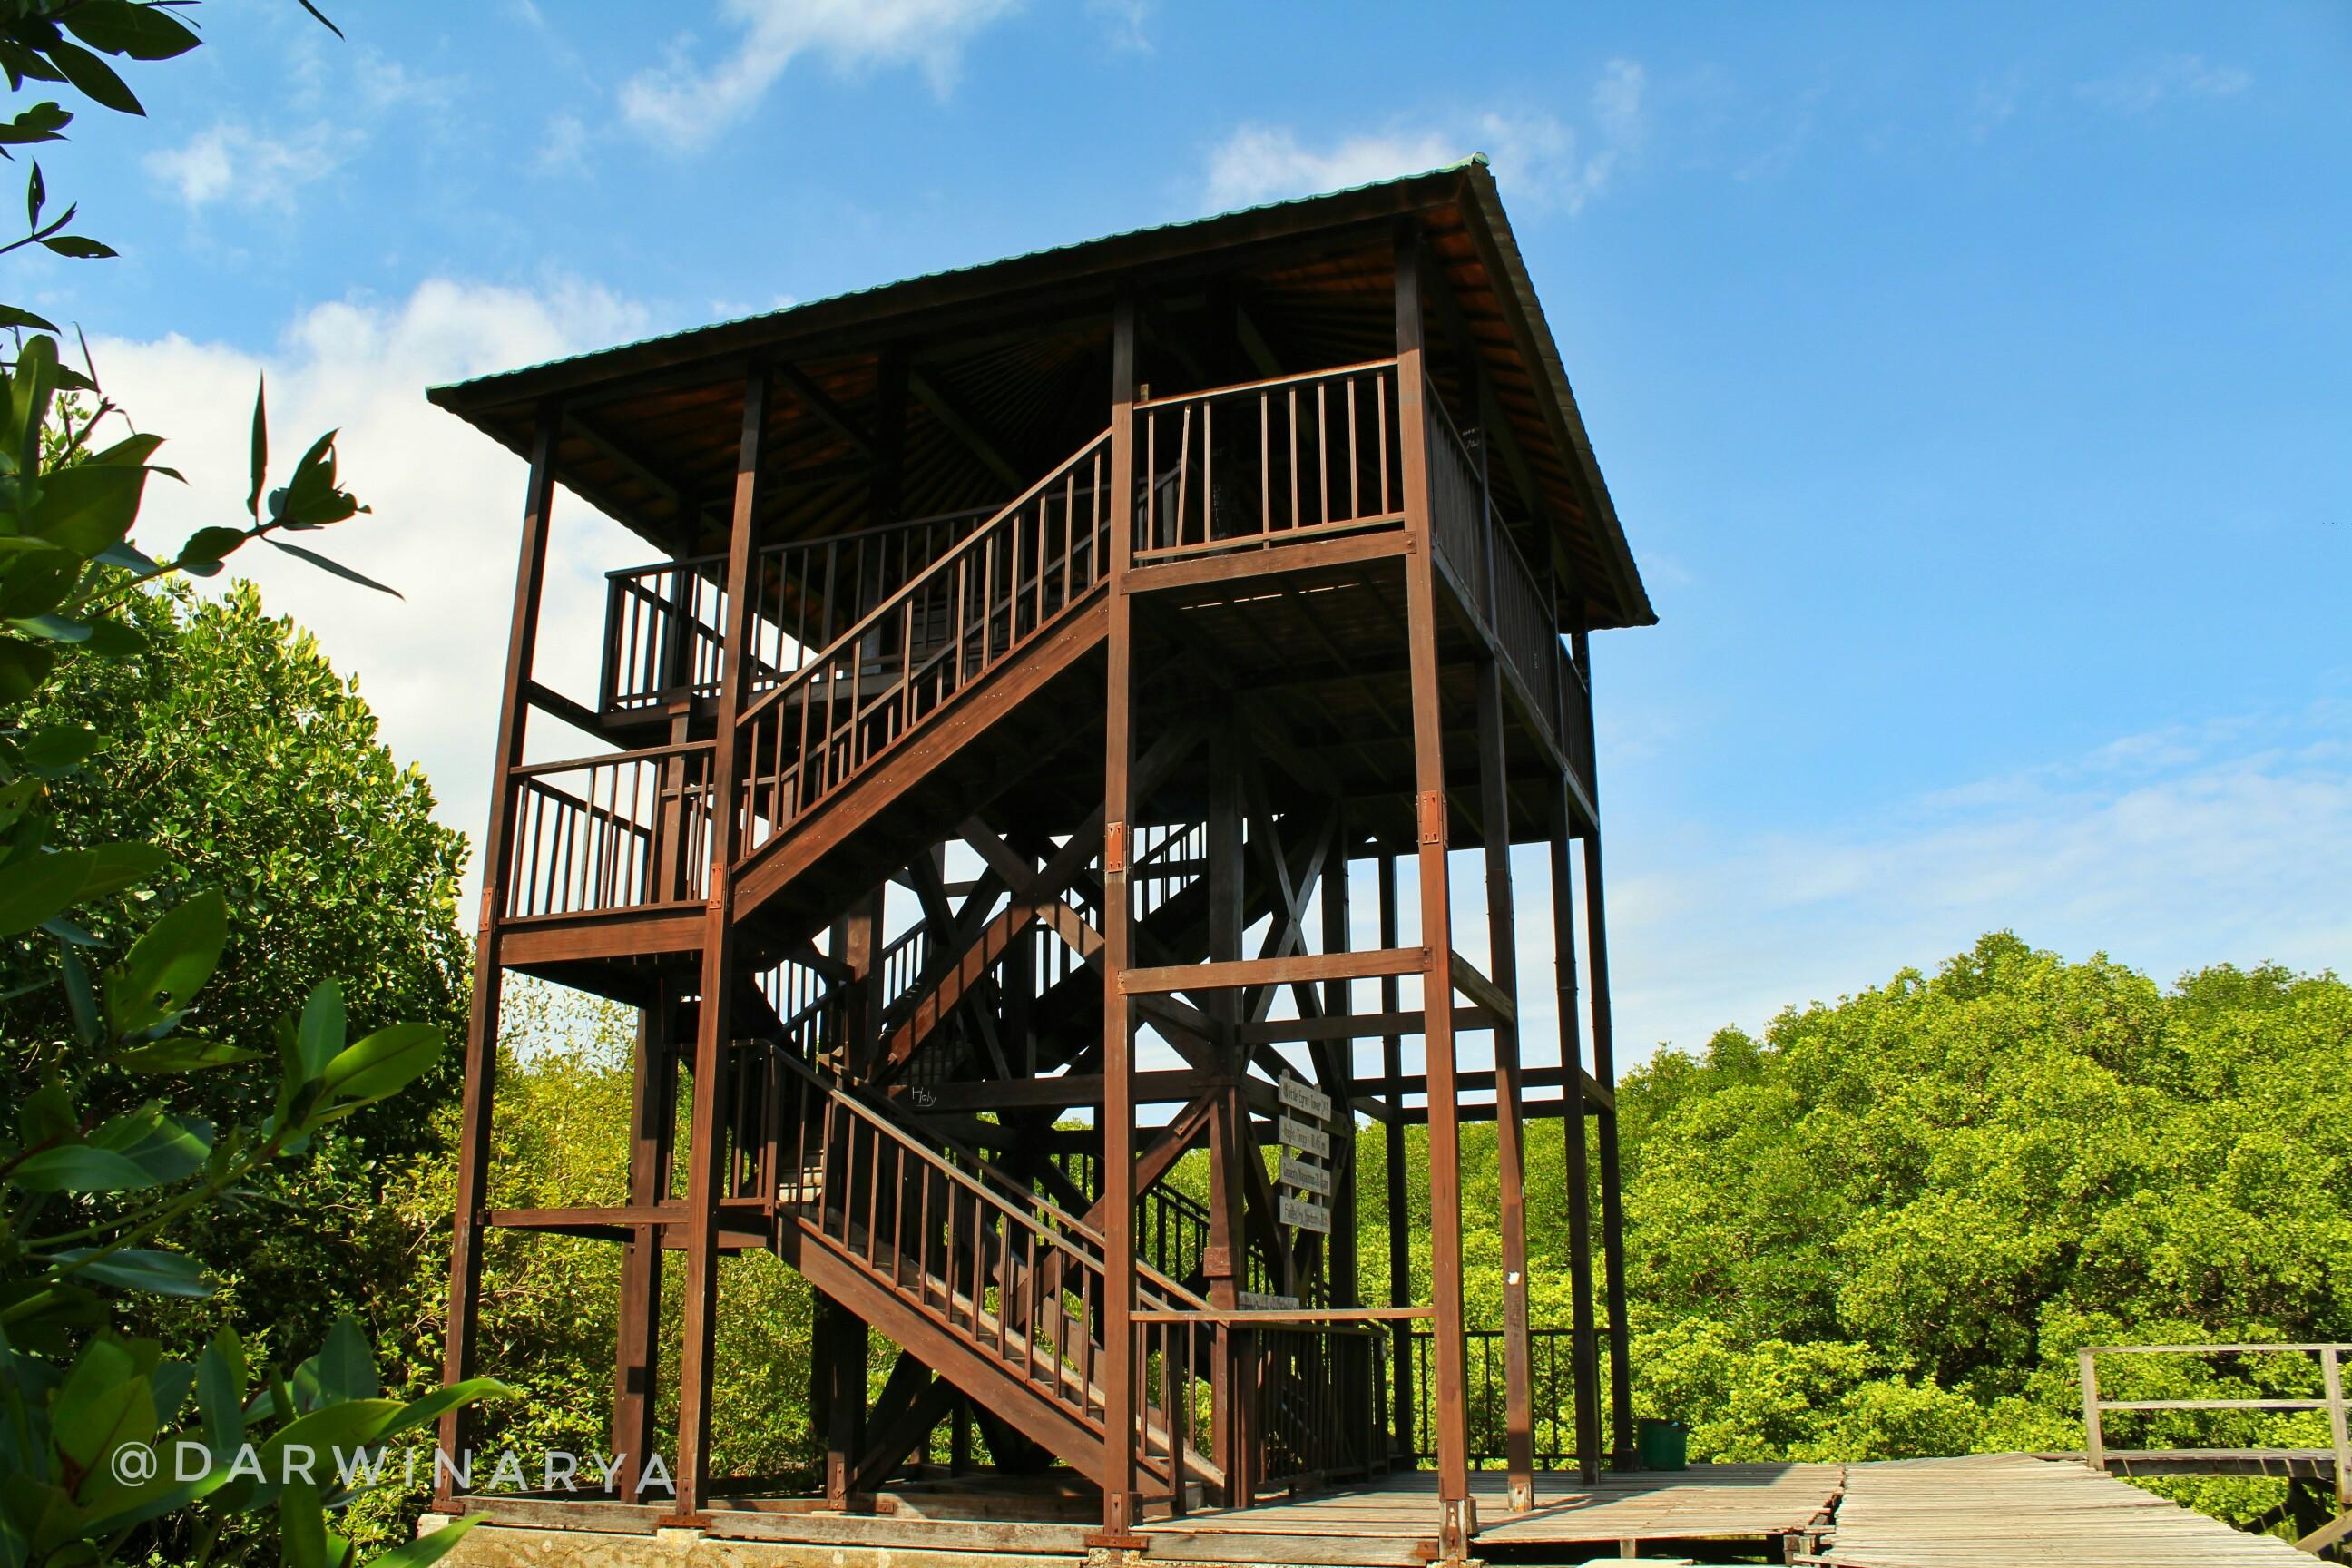 Tempat Istirahat Berupa Tower. Tingginya Mencapai 10.45 meter / dap